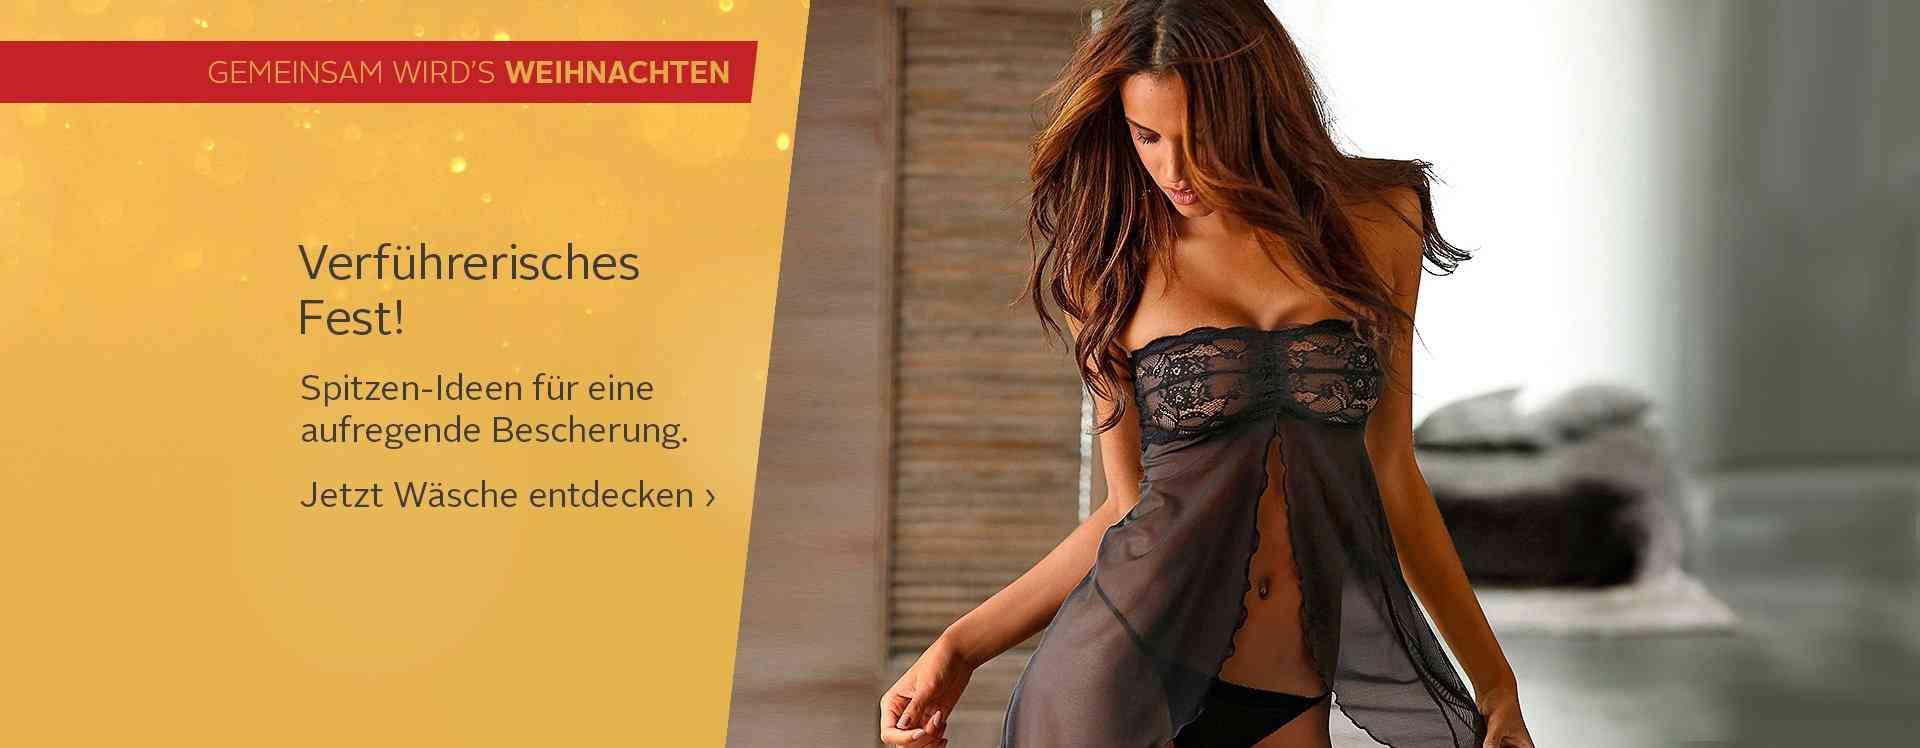 Dessous auf otto.de - Reizwäsche, Spitzen-BHs für verführerische Momente. Dessous dürfen an einem romantischen Abend nicht fehlen und gehören in den Kleiderschrank einer jeden Frau.